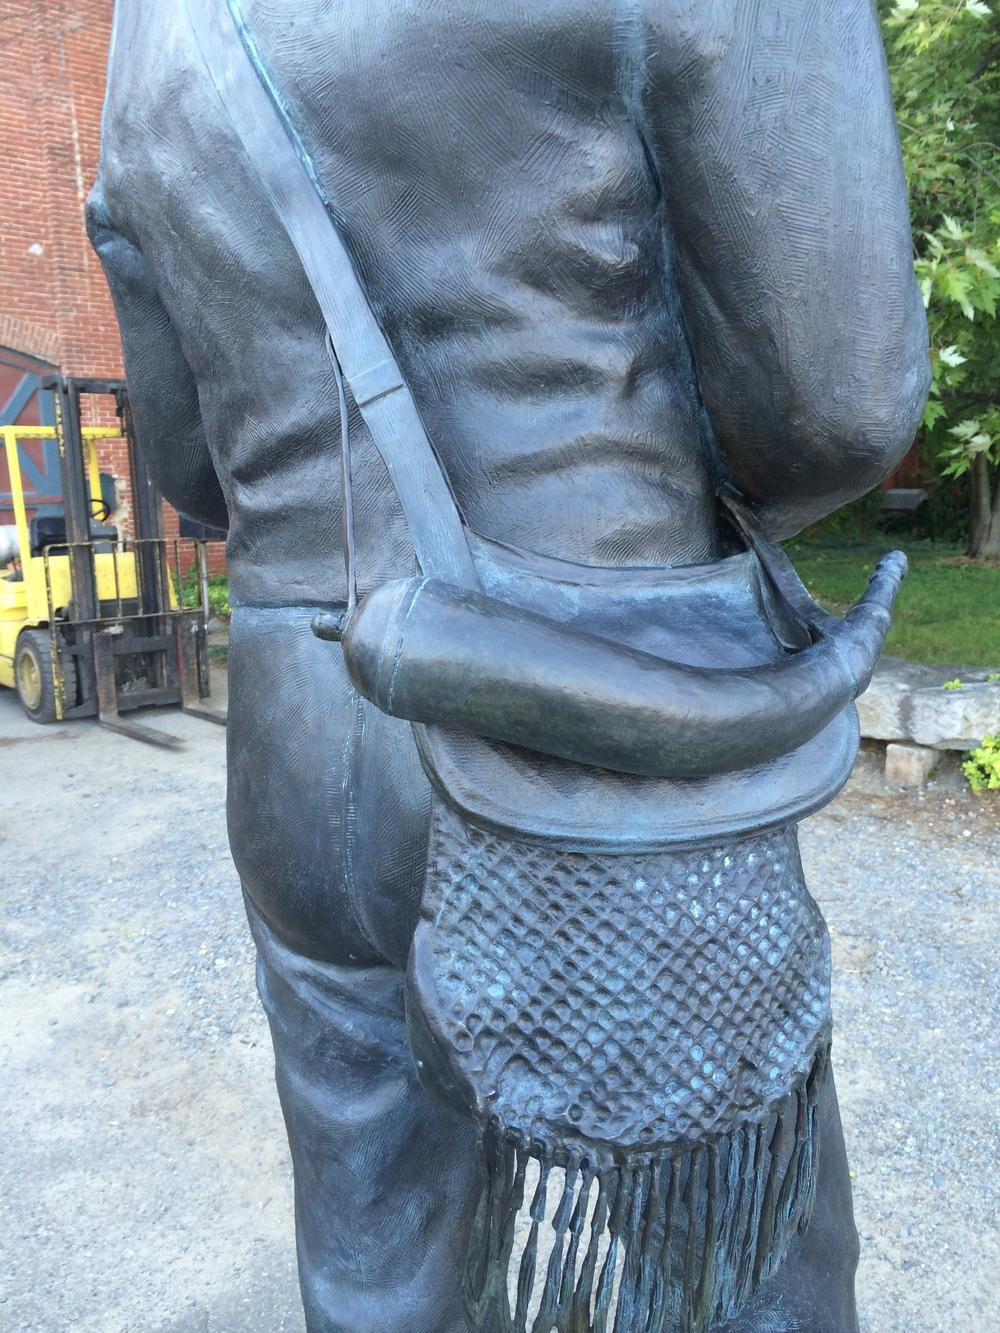 alexis_de_tocqueville_statue_3.JPG